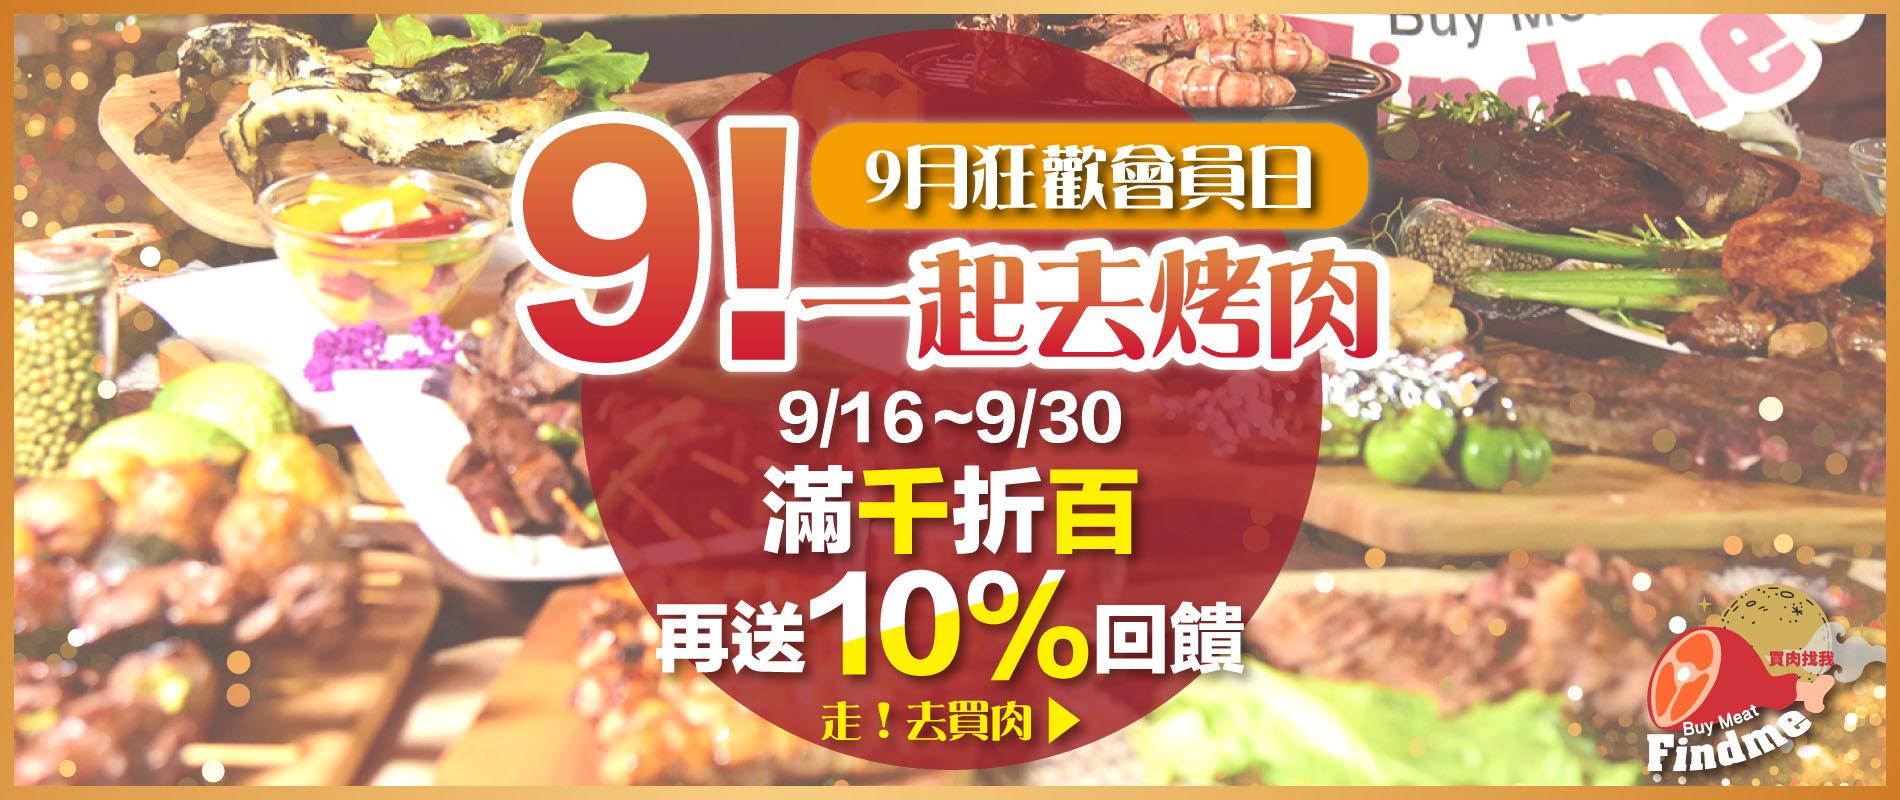 買肉找我9月會員日